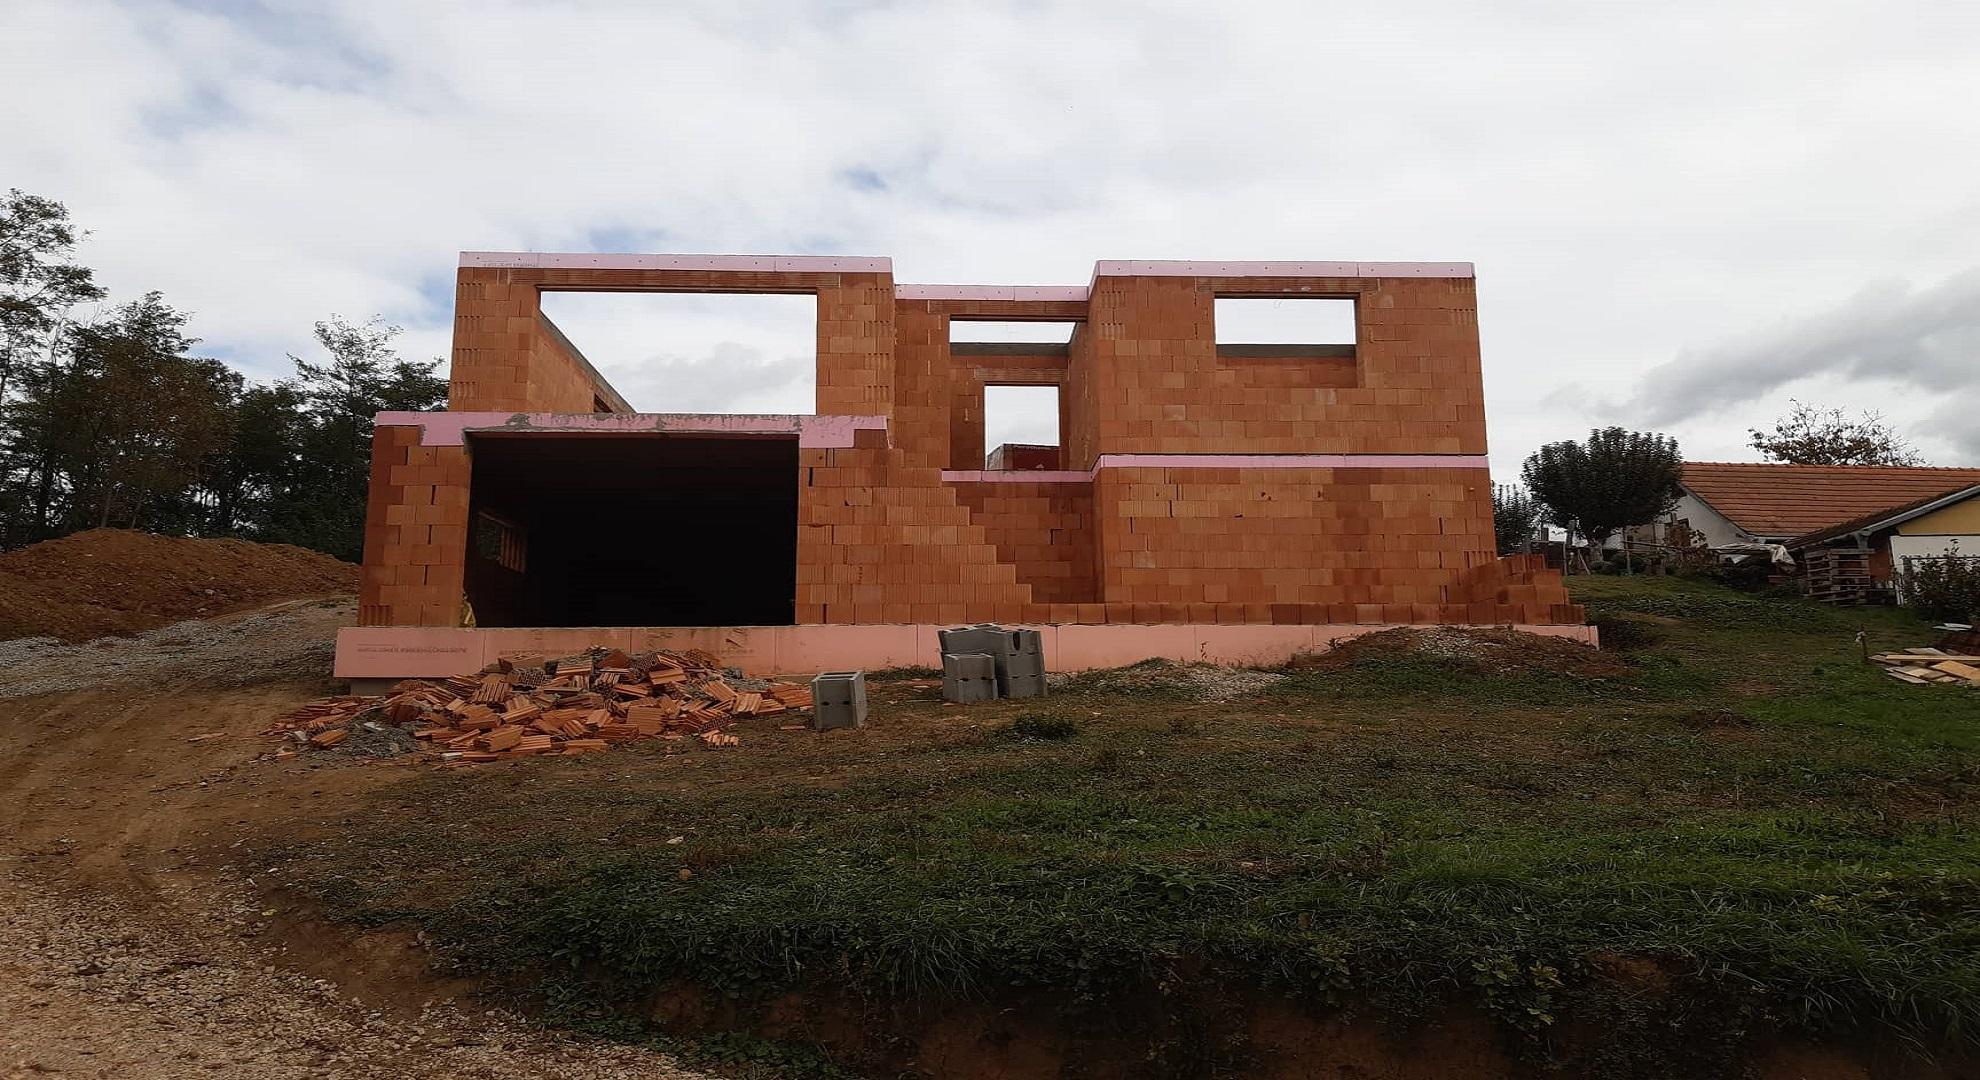 Hosťovce 2019 (hrubá stavba - zrealizované)